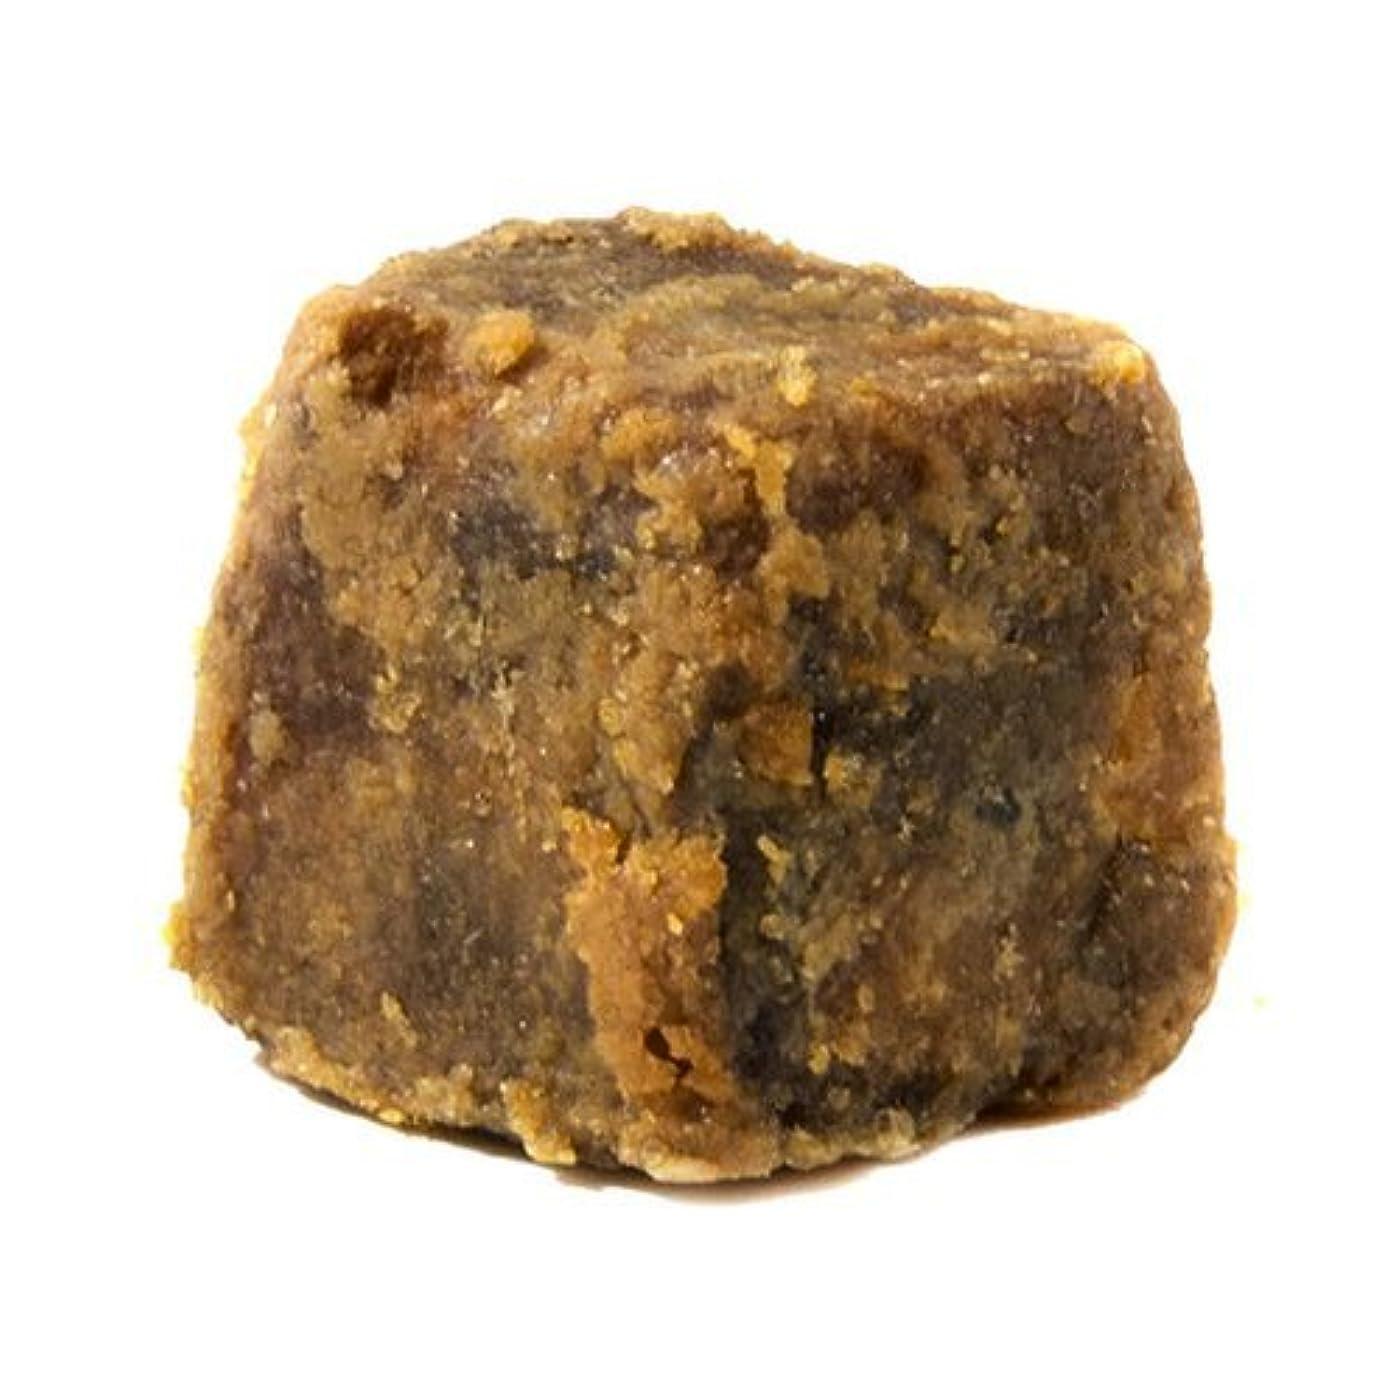 レキシコンズームインする多年生Amber樹脂ソリッド、10 g Incense樹脂オレンジ